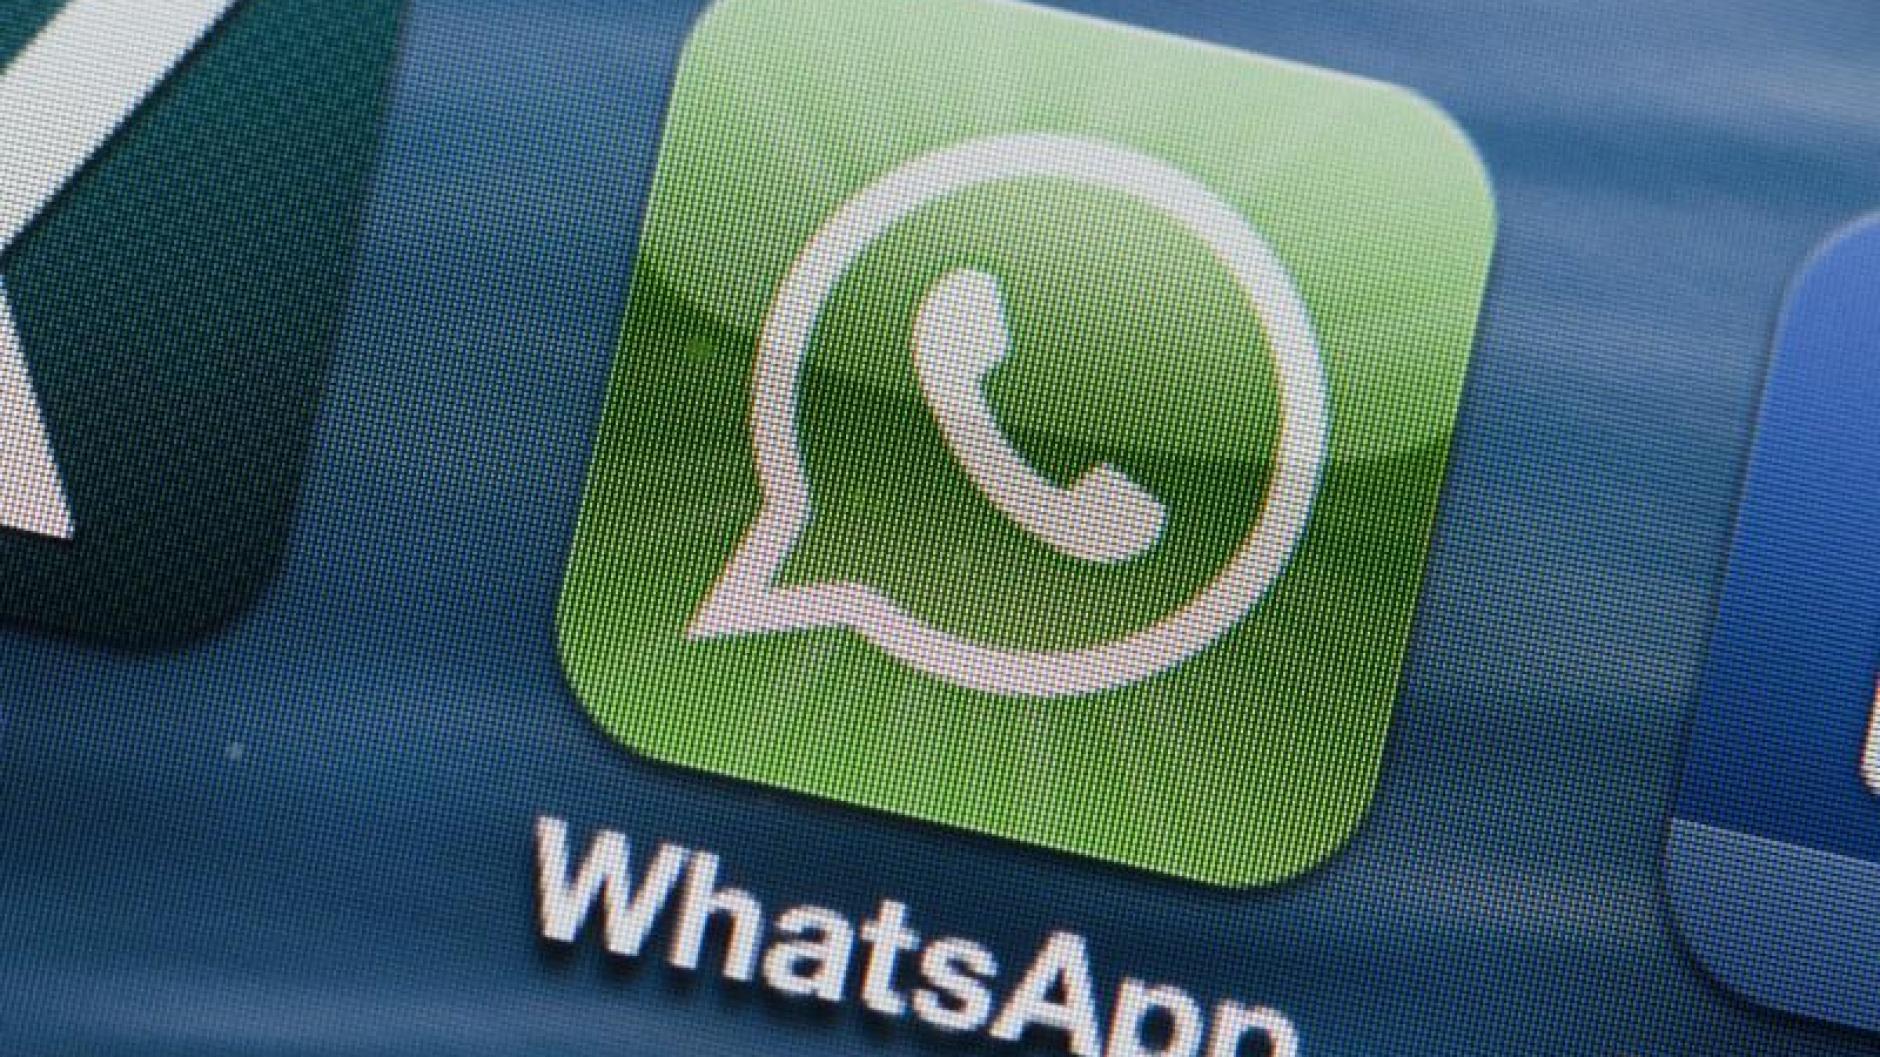 Umstrittene Lesebestätigung: Blaue Haken bei WhatsApp